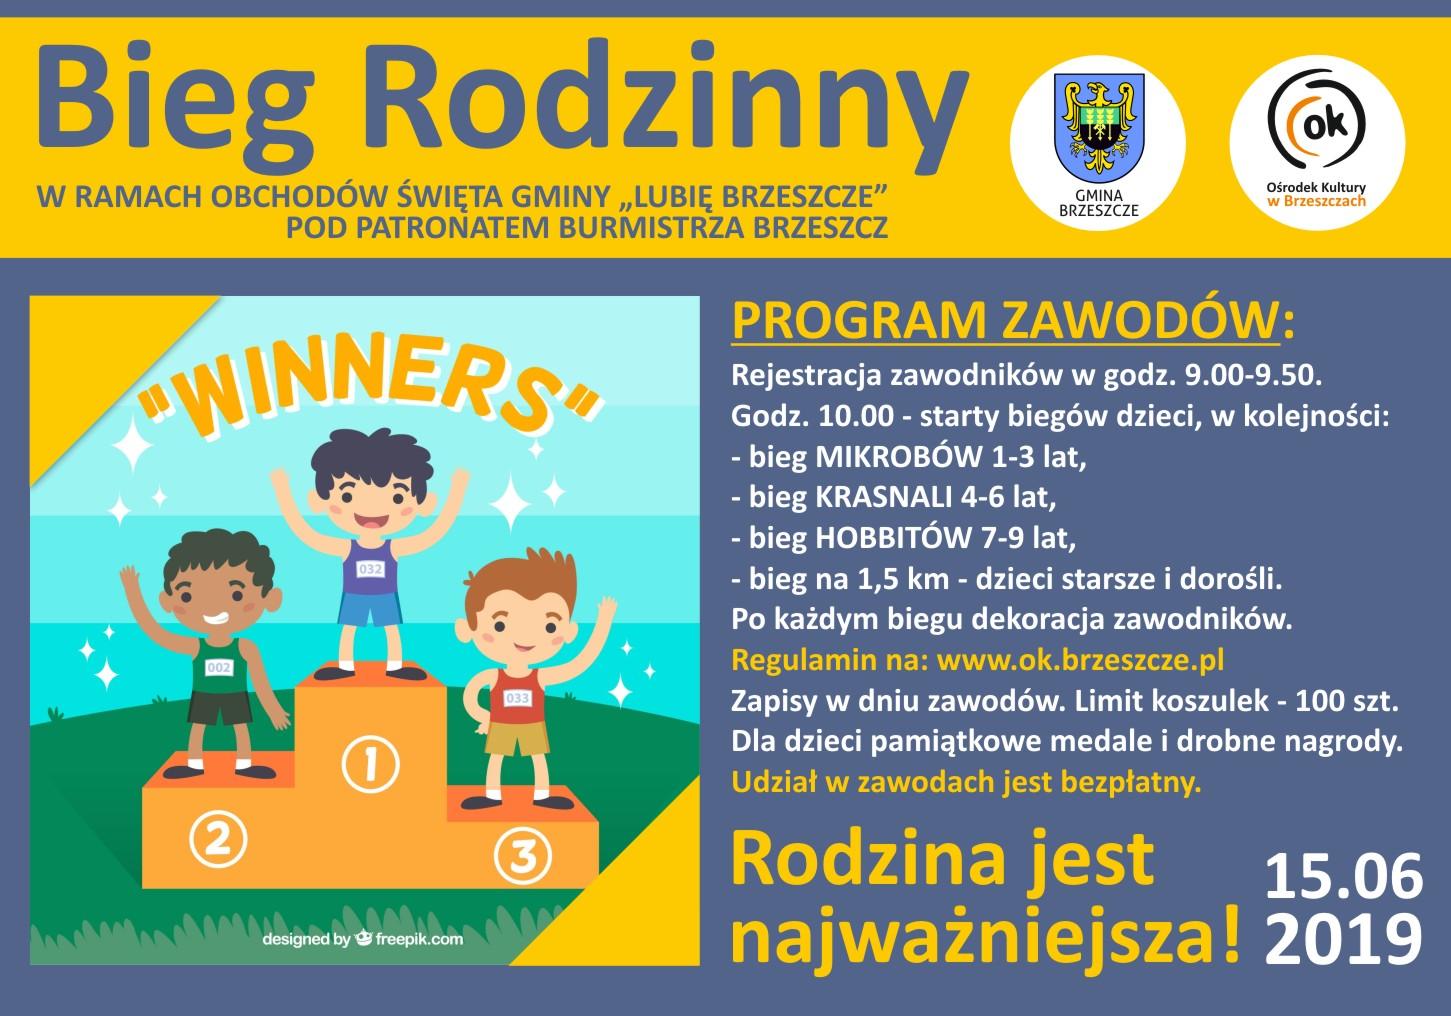 Bieg Rodzinny